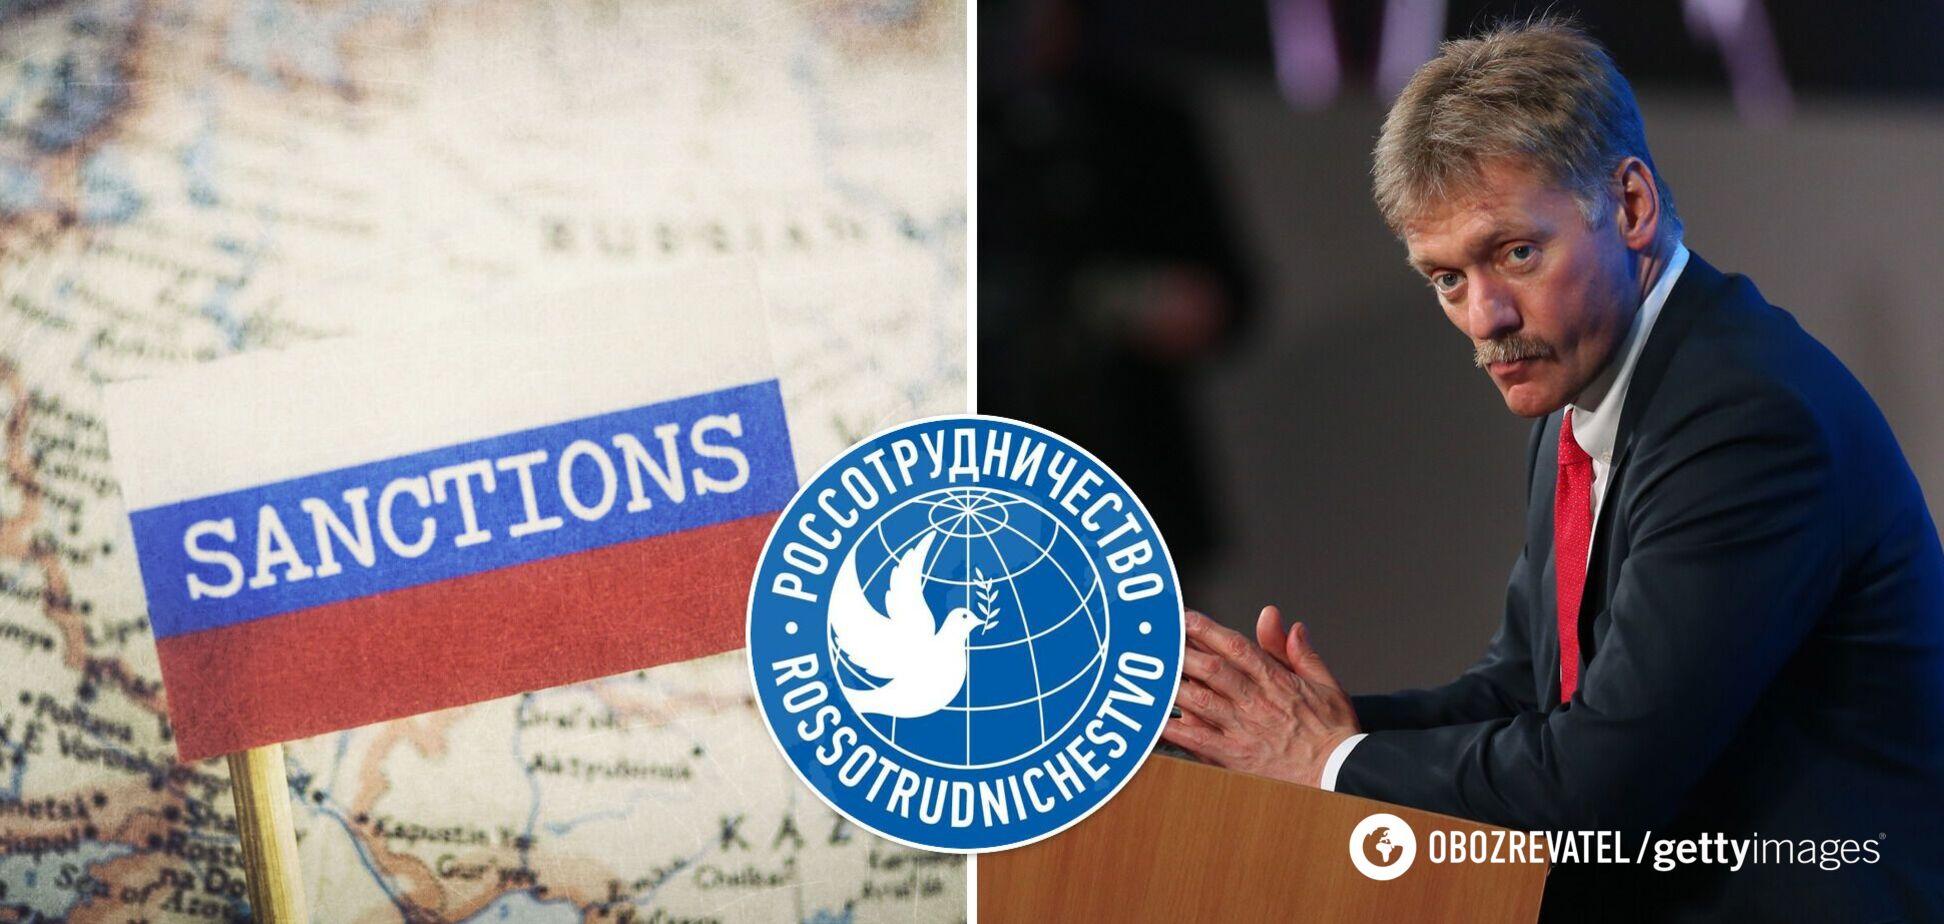 У Путина заявили, что скоро 'разорвут вообще все с Украиной'